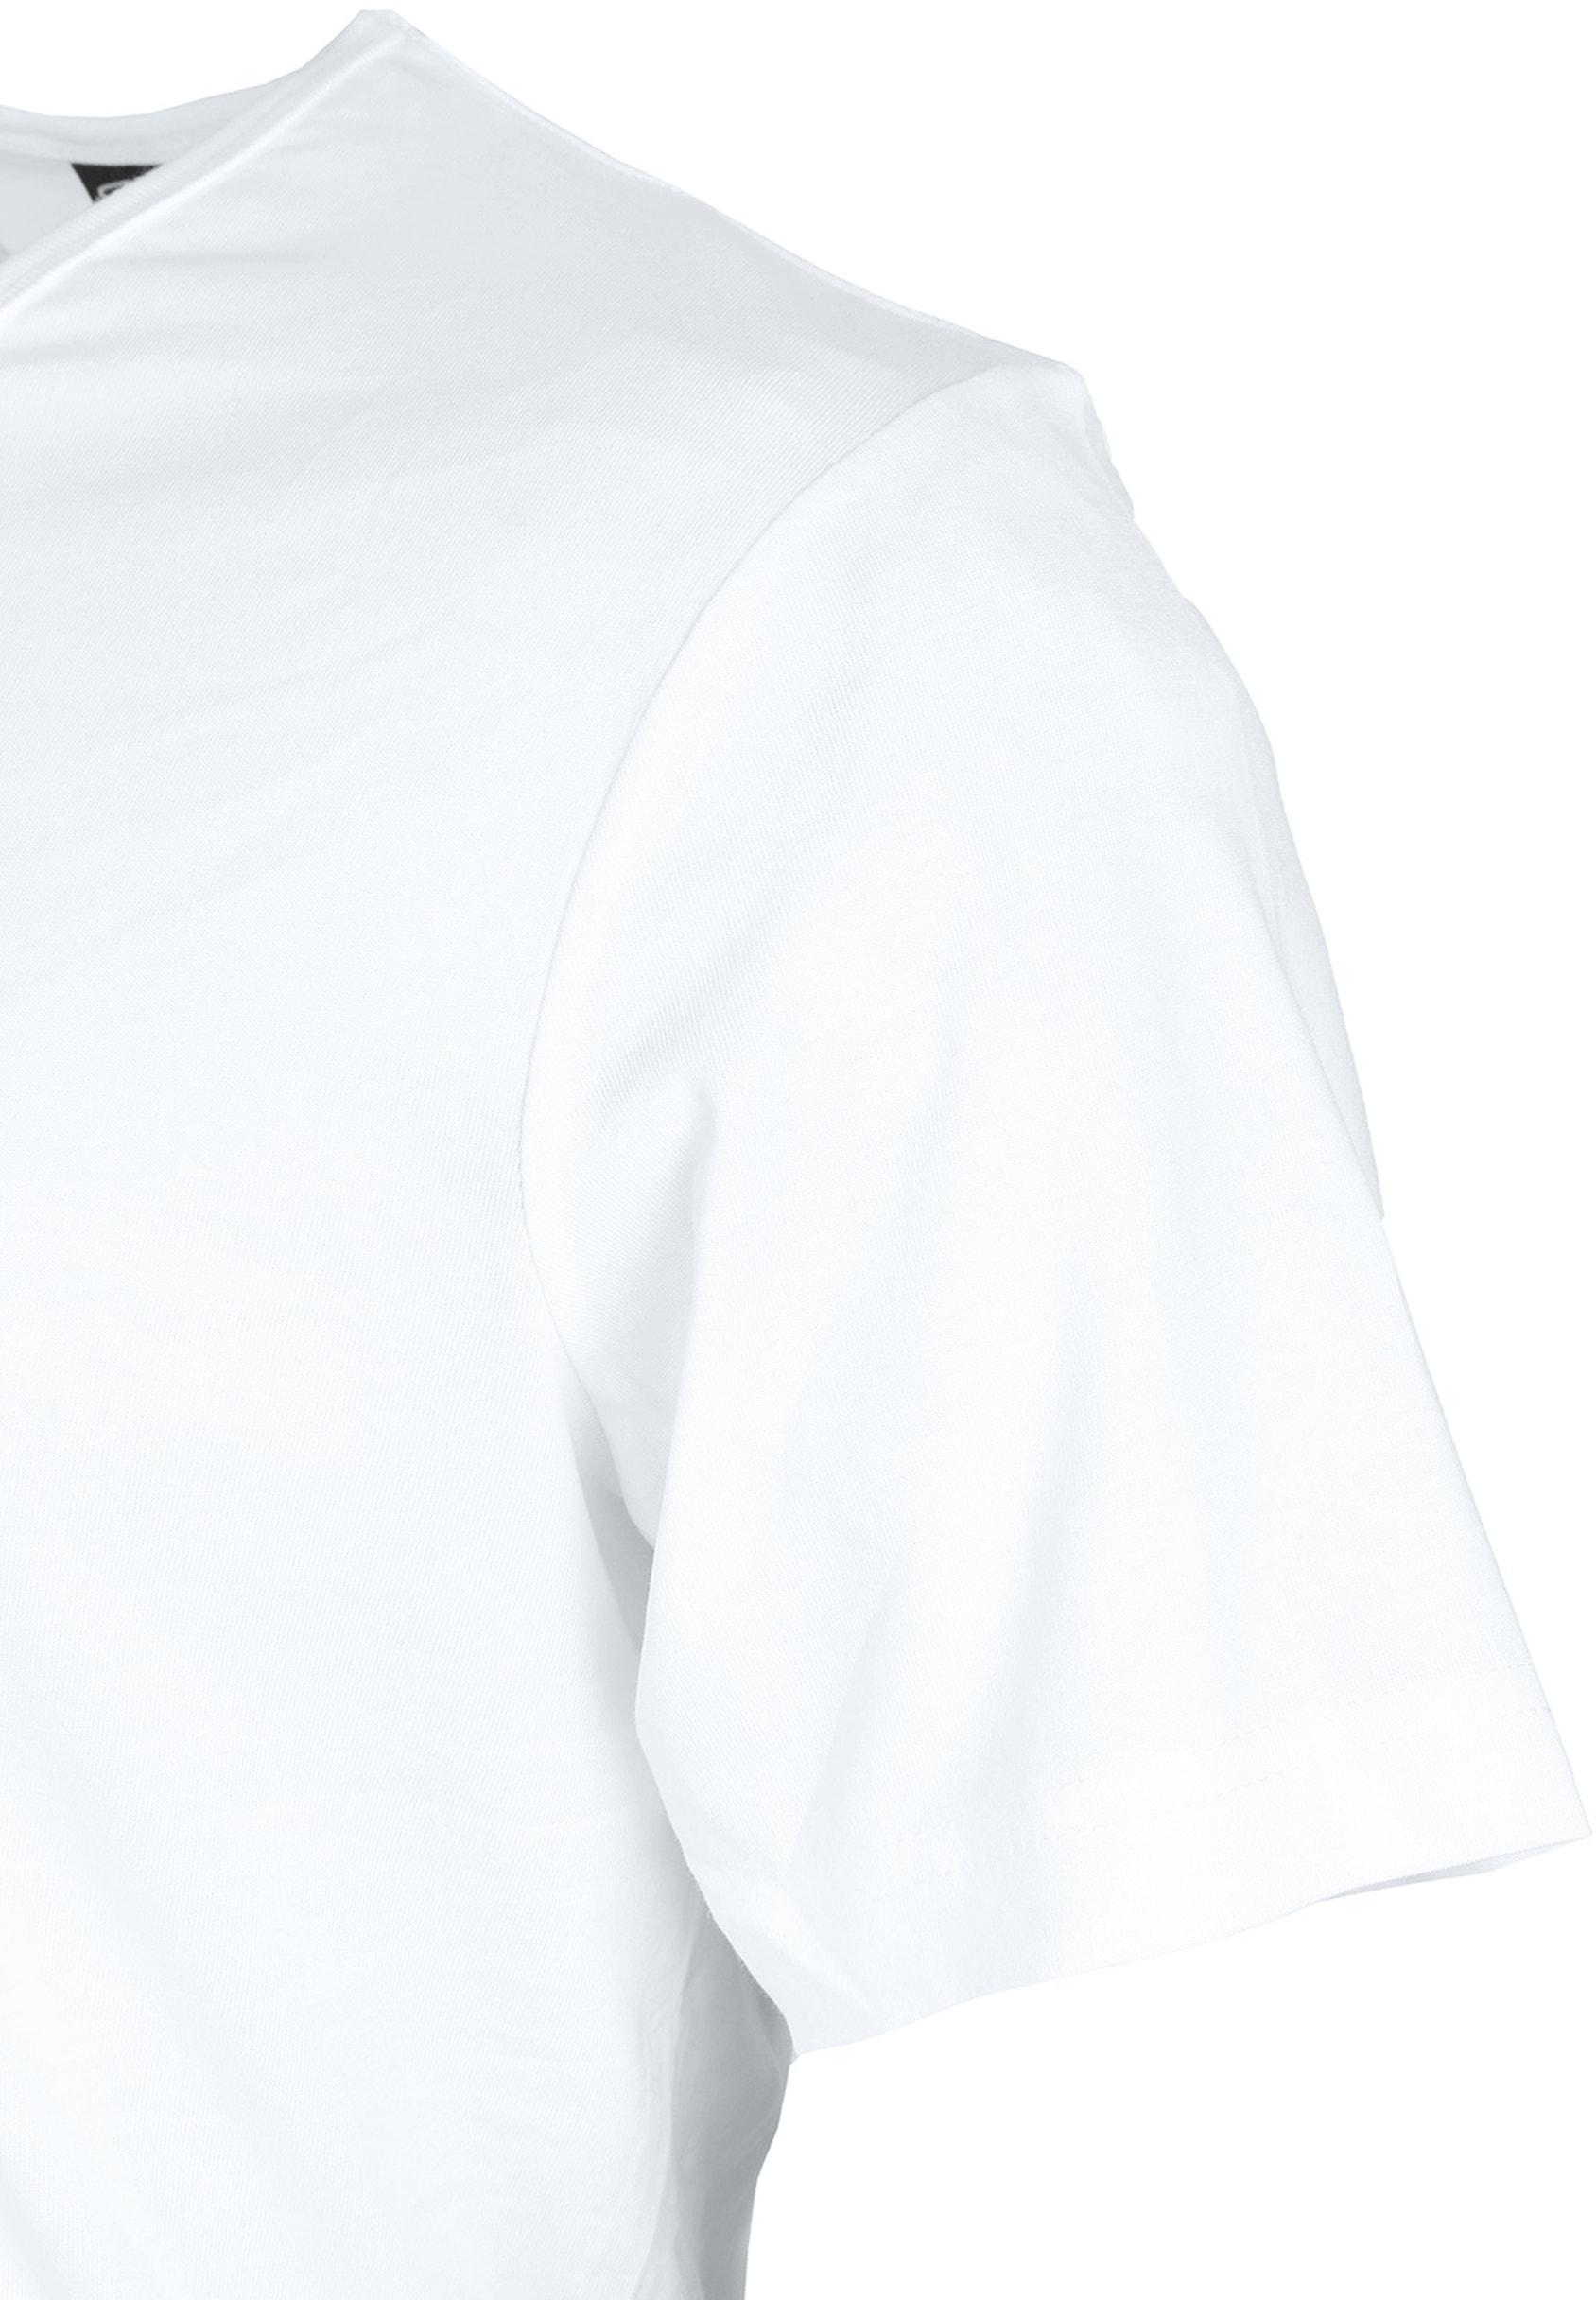 T-Shirt V-Ausschnitt 6-Pack (6 Stück) Weiß foto 3